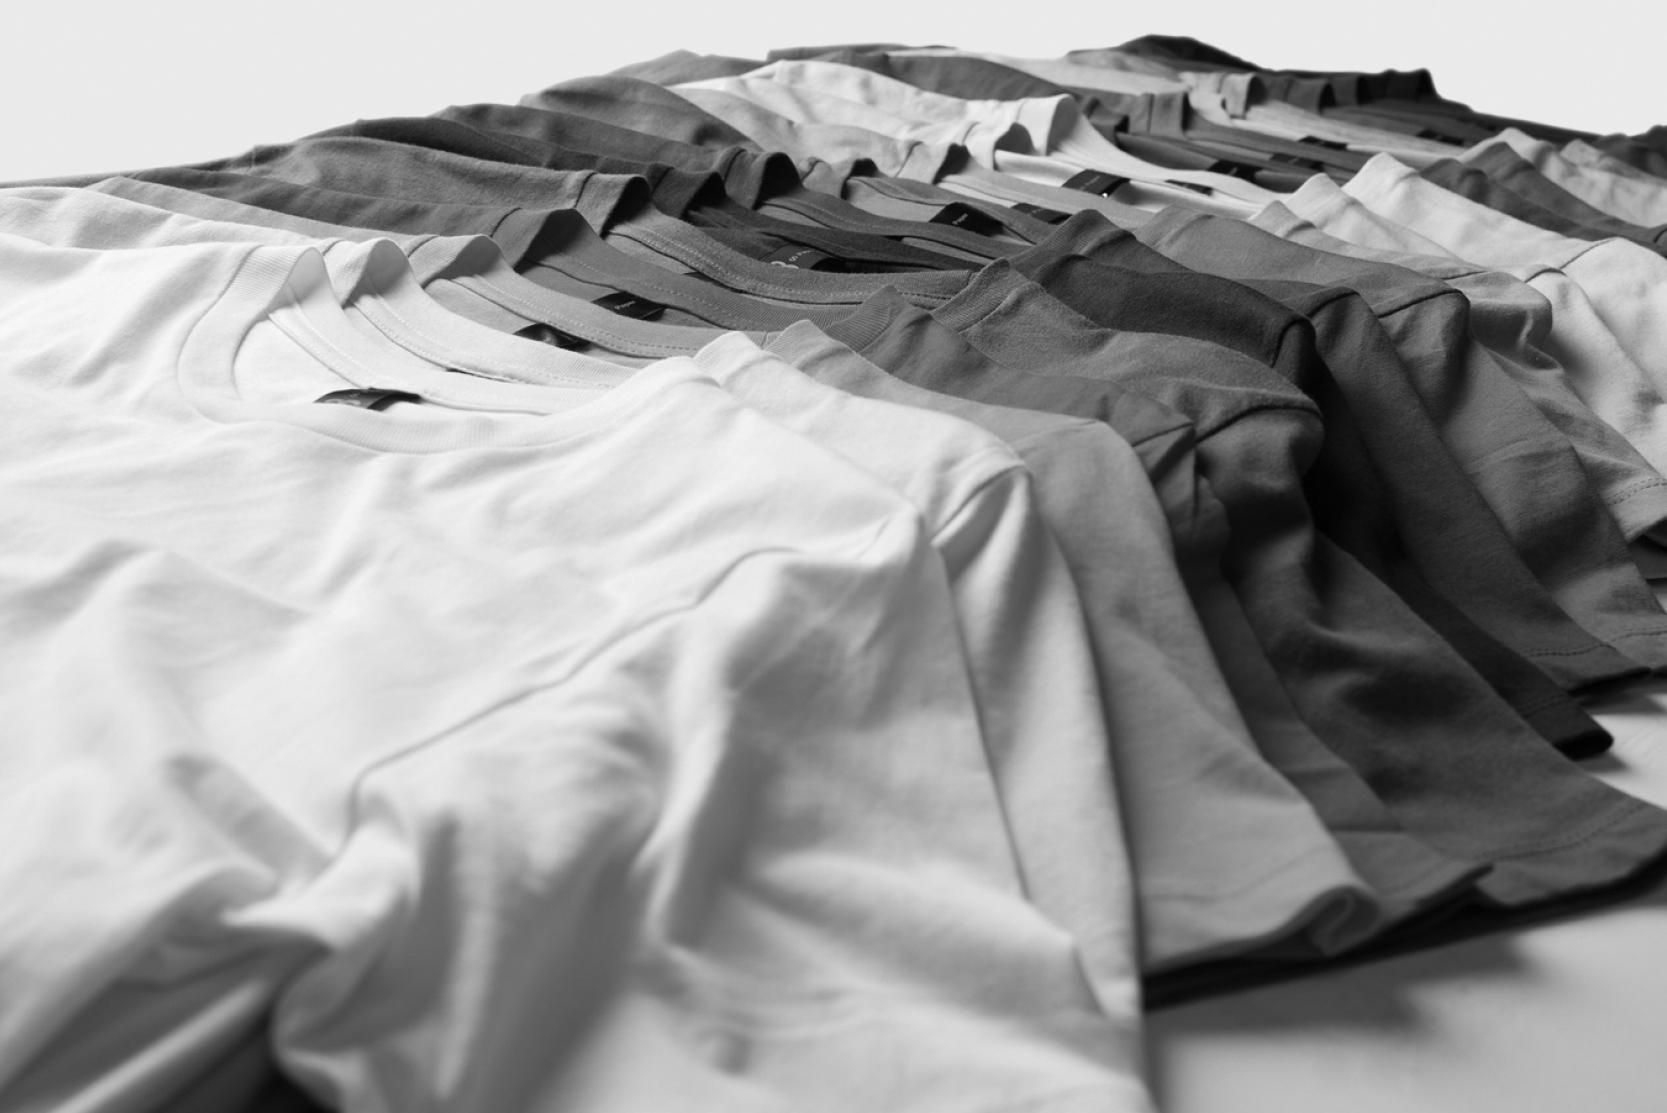 навести порядок в шкафу — сложить футболки за 2 минуты